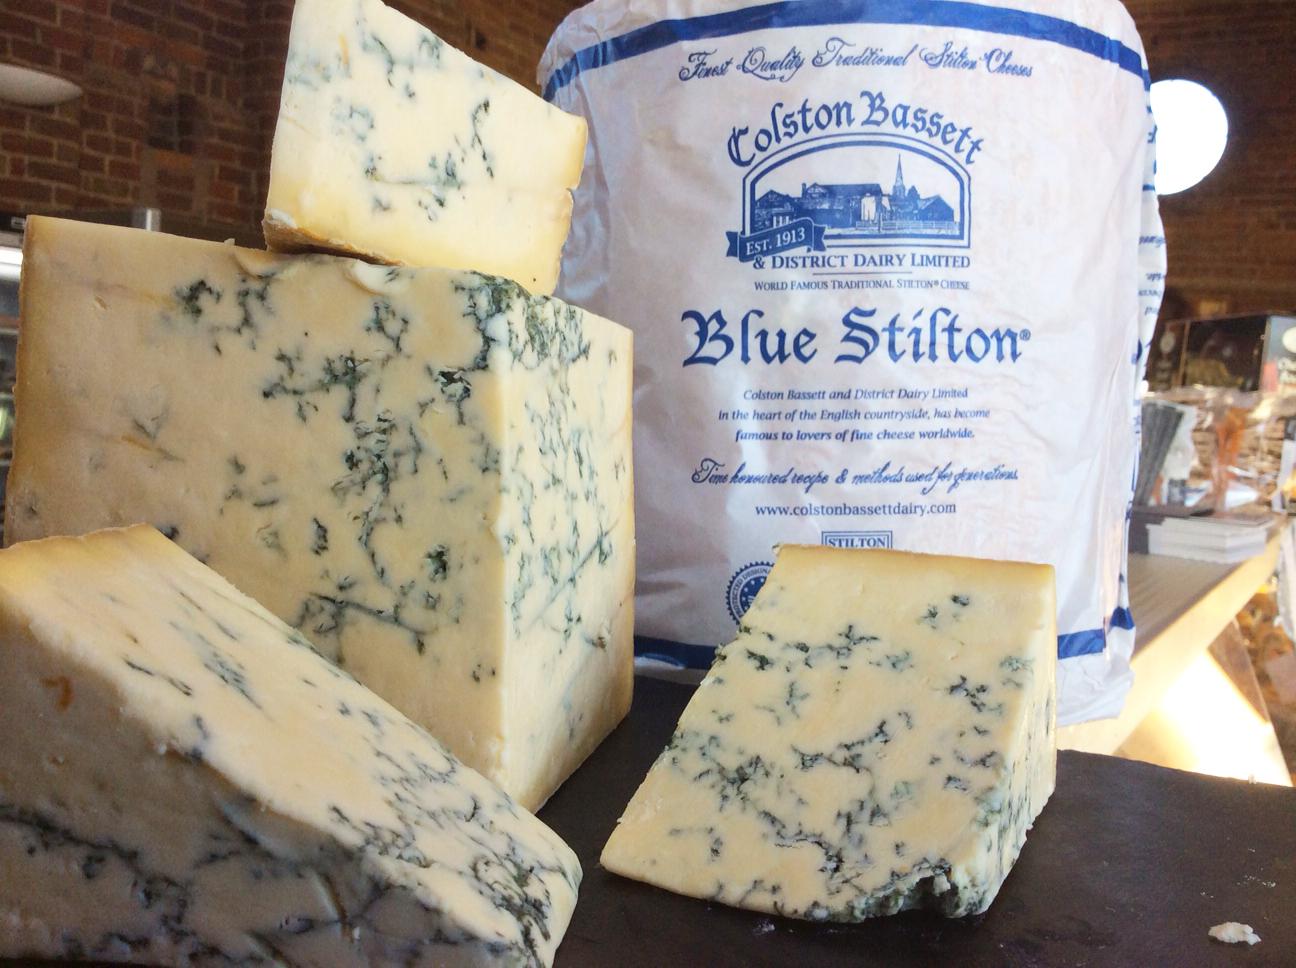 Colston-Bassett-Cheese-Factory.jpg